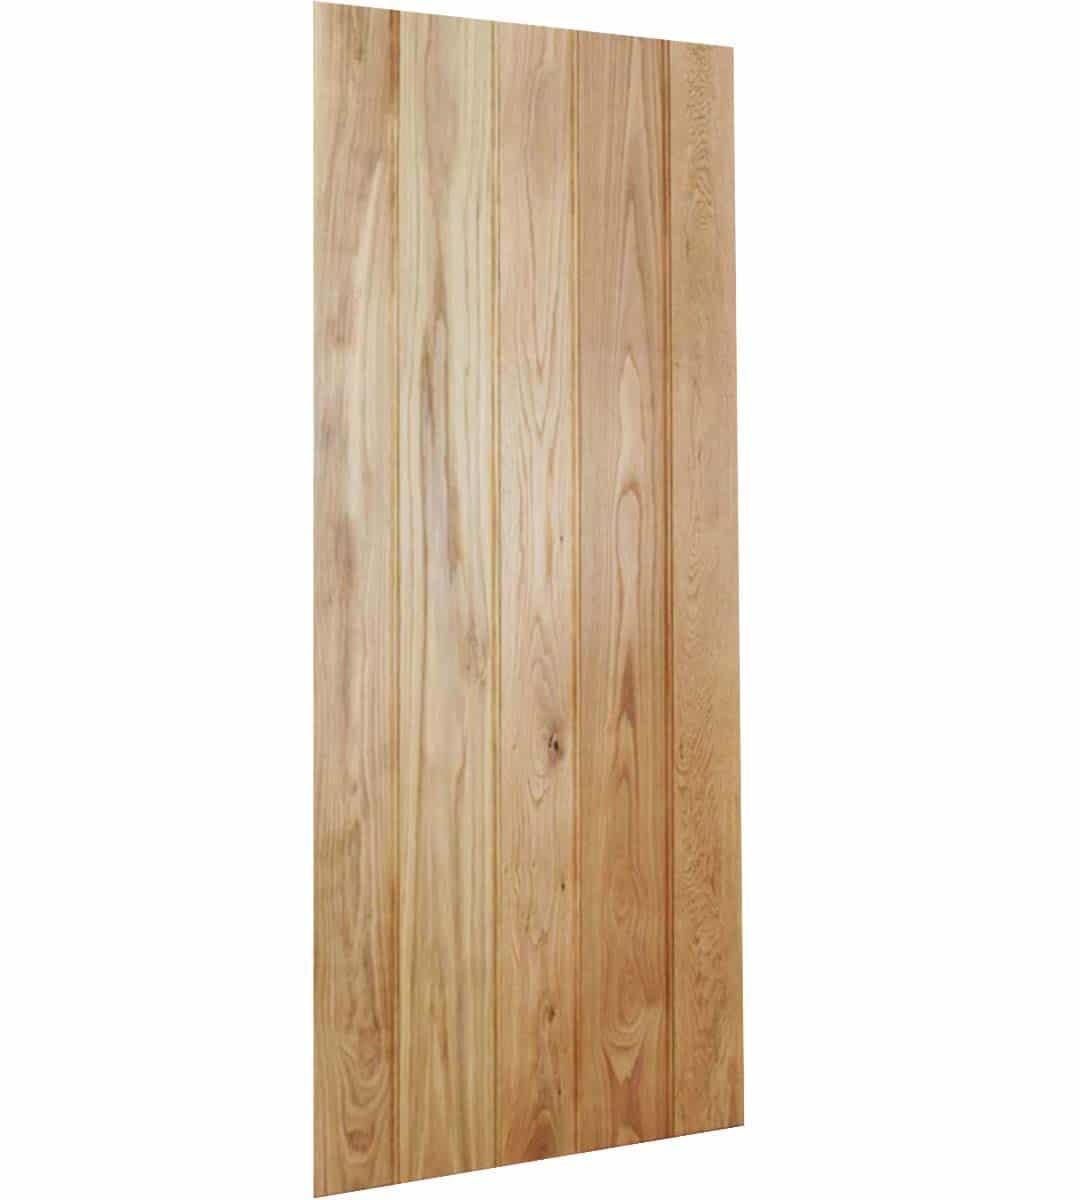 Solid Oak Door Bead Ledged